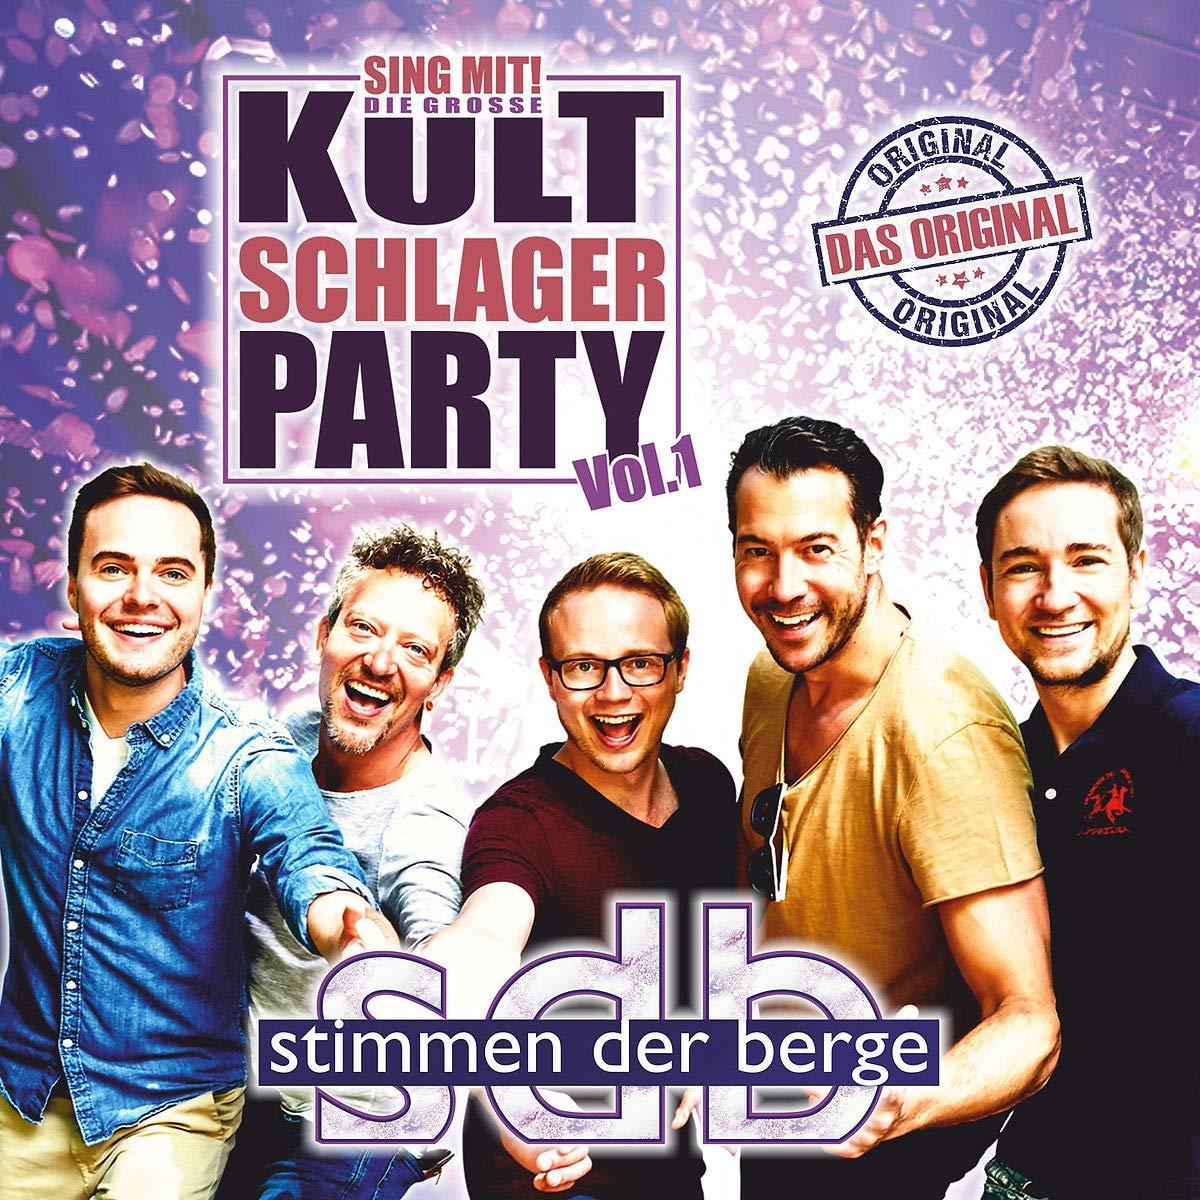 STIMMEN DER BERGE * Sing mit! Die große Kultschlager Party – Vol. 1 (CD)